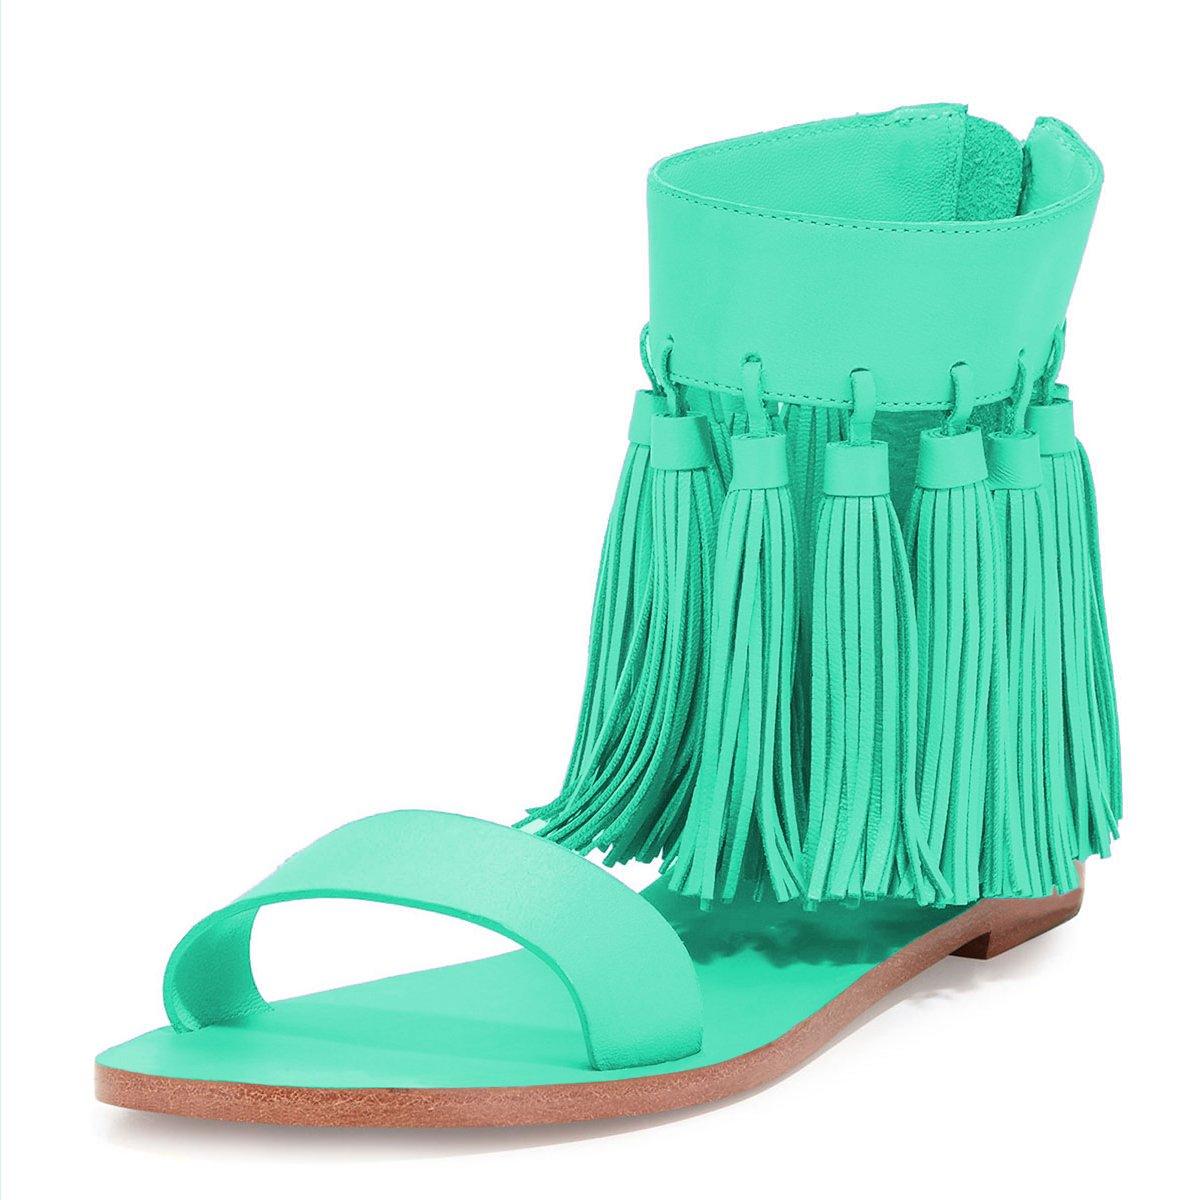 YDN Women Fringes Flats Tassels Open Toe Sandals Low-Heel Back Zipper Shoes B01EH699FO 10 B(M) US|Turquoise